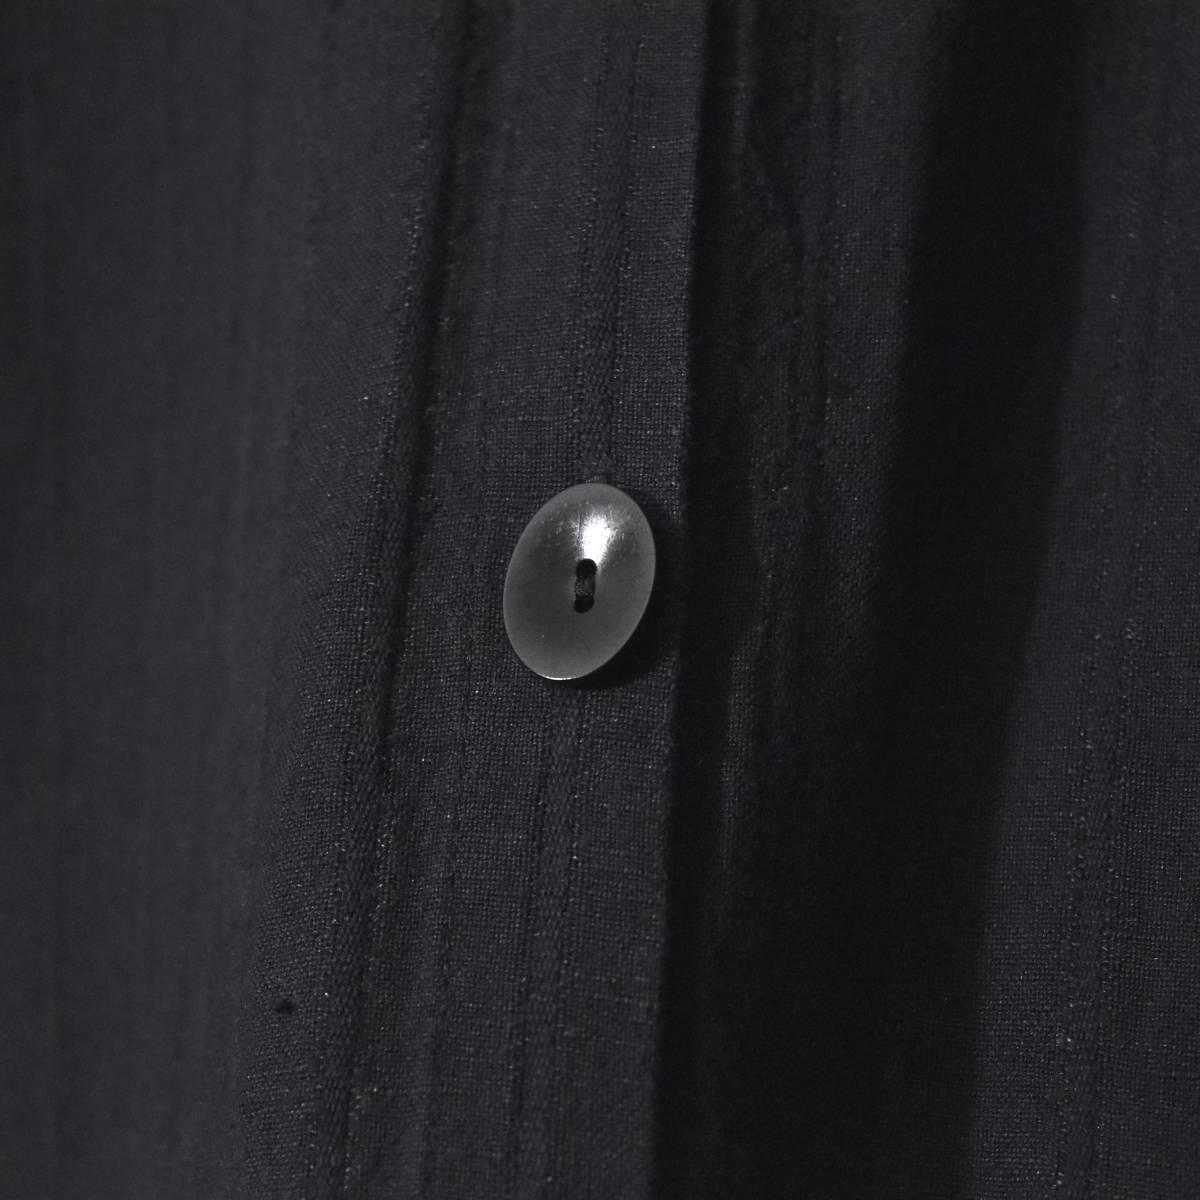 ★美品★ FLAX フラックス ストライプ ロングシャツ 黒 Mサイズ リネン_画像6